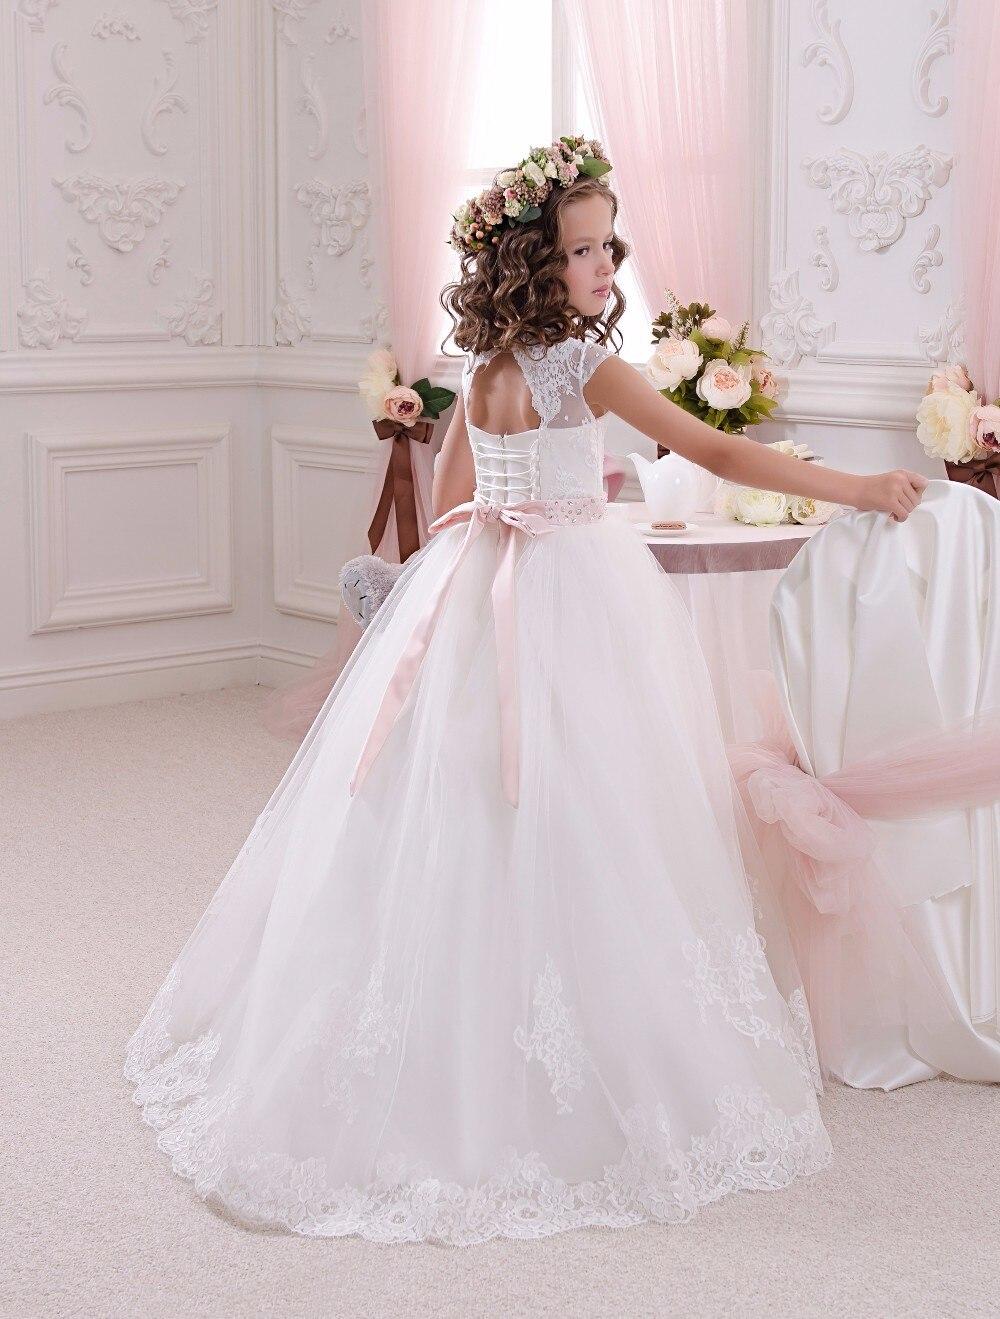 Nieuw kant bloem meisje jurken met roze riem baljurk vloer lengte - Bruiloft feestjurken - Foto 3